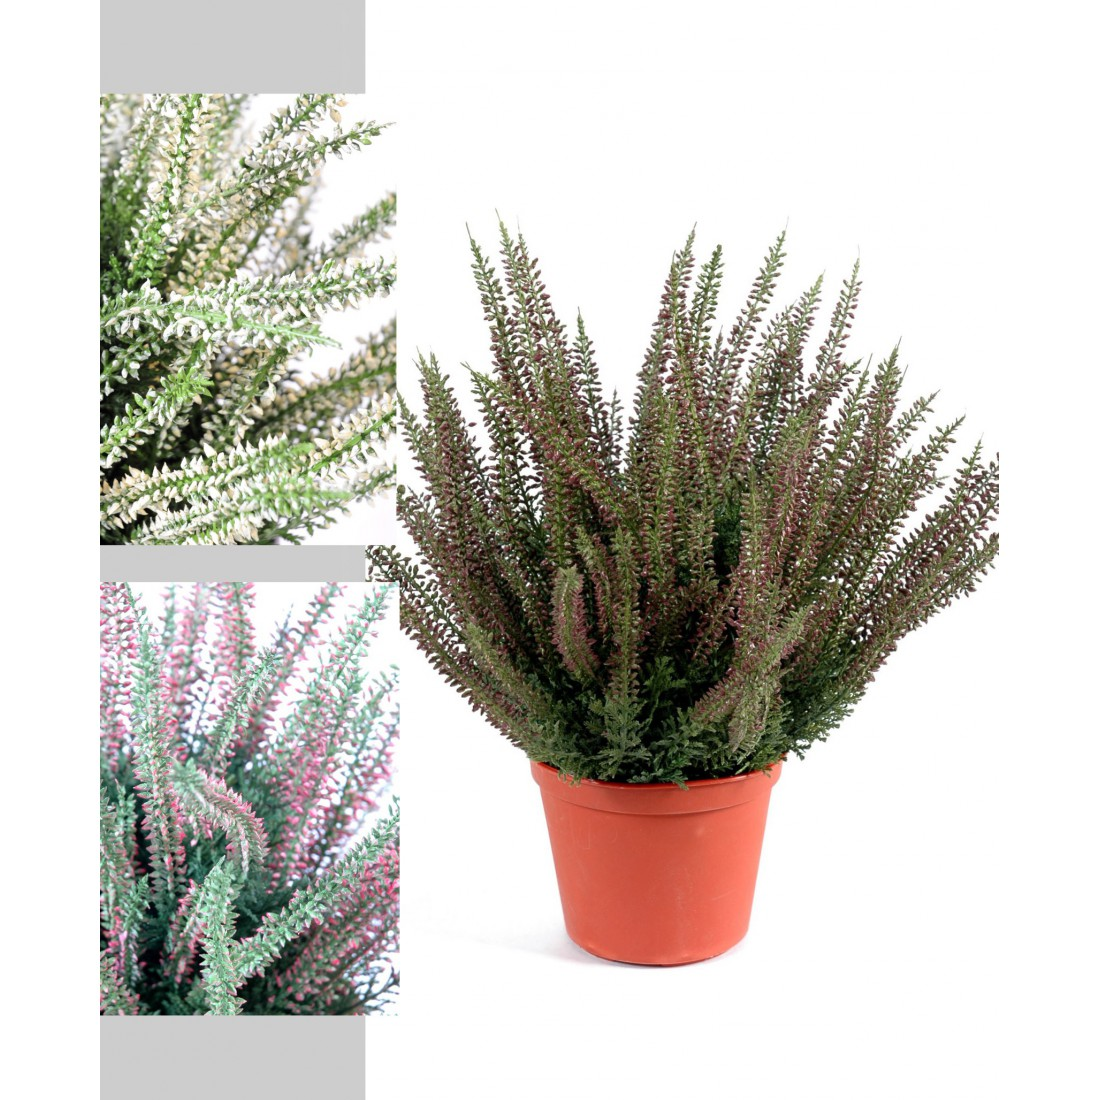 Plantes Fleuries En Pot Exterieur bruyere en pot 35 cm - plantes fleuries | reflets nature